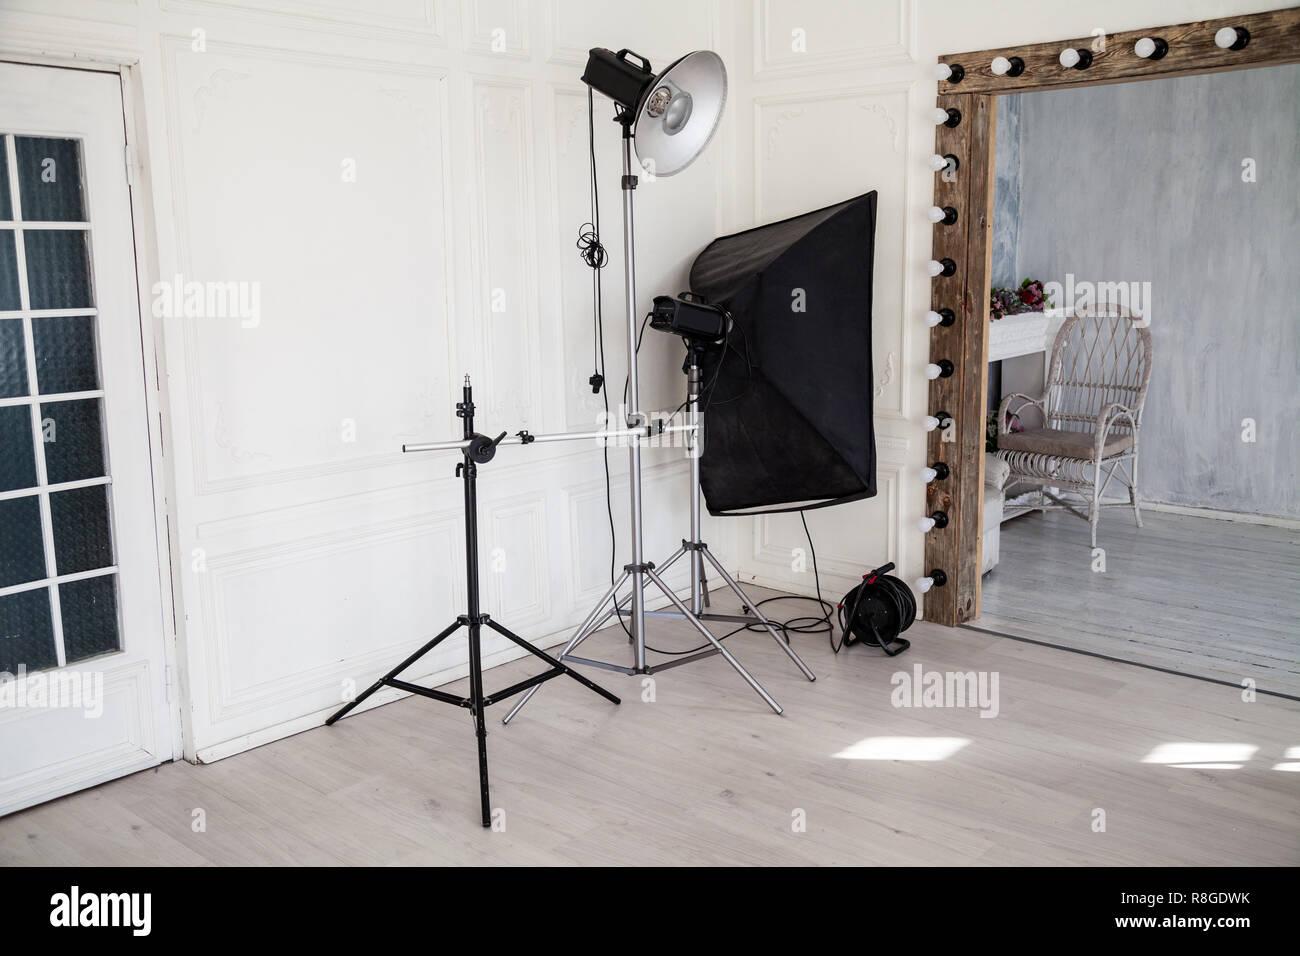 Interieur De Photostudio Clignote En Blanc Decoration Fond